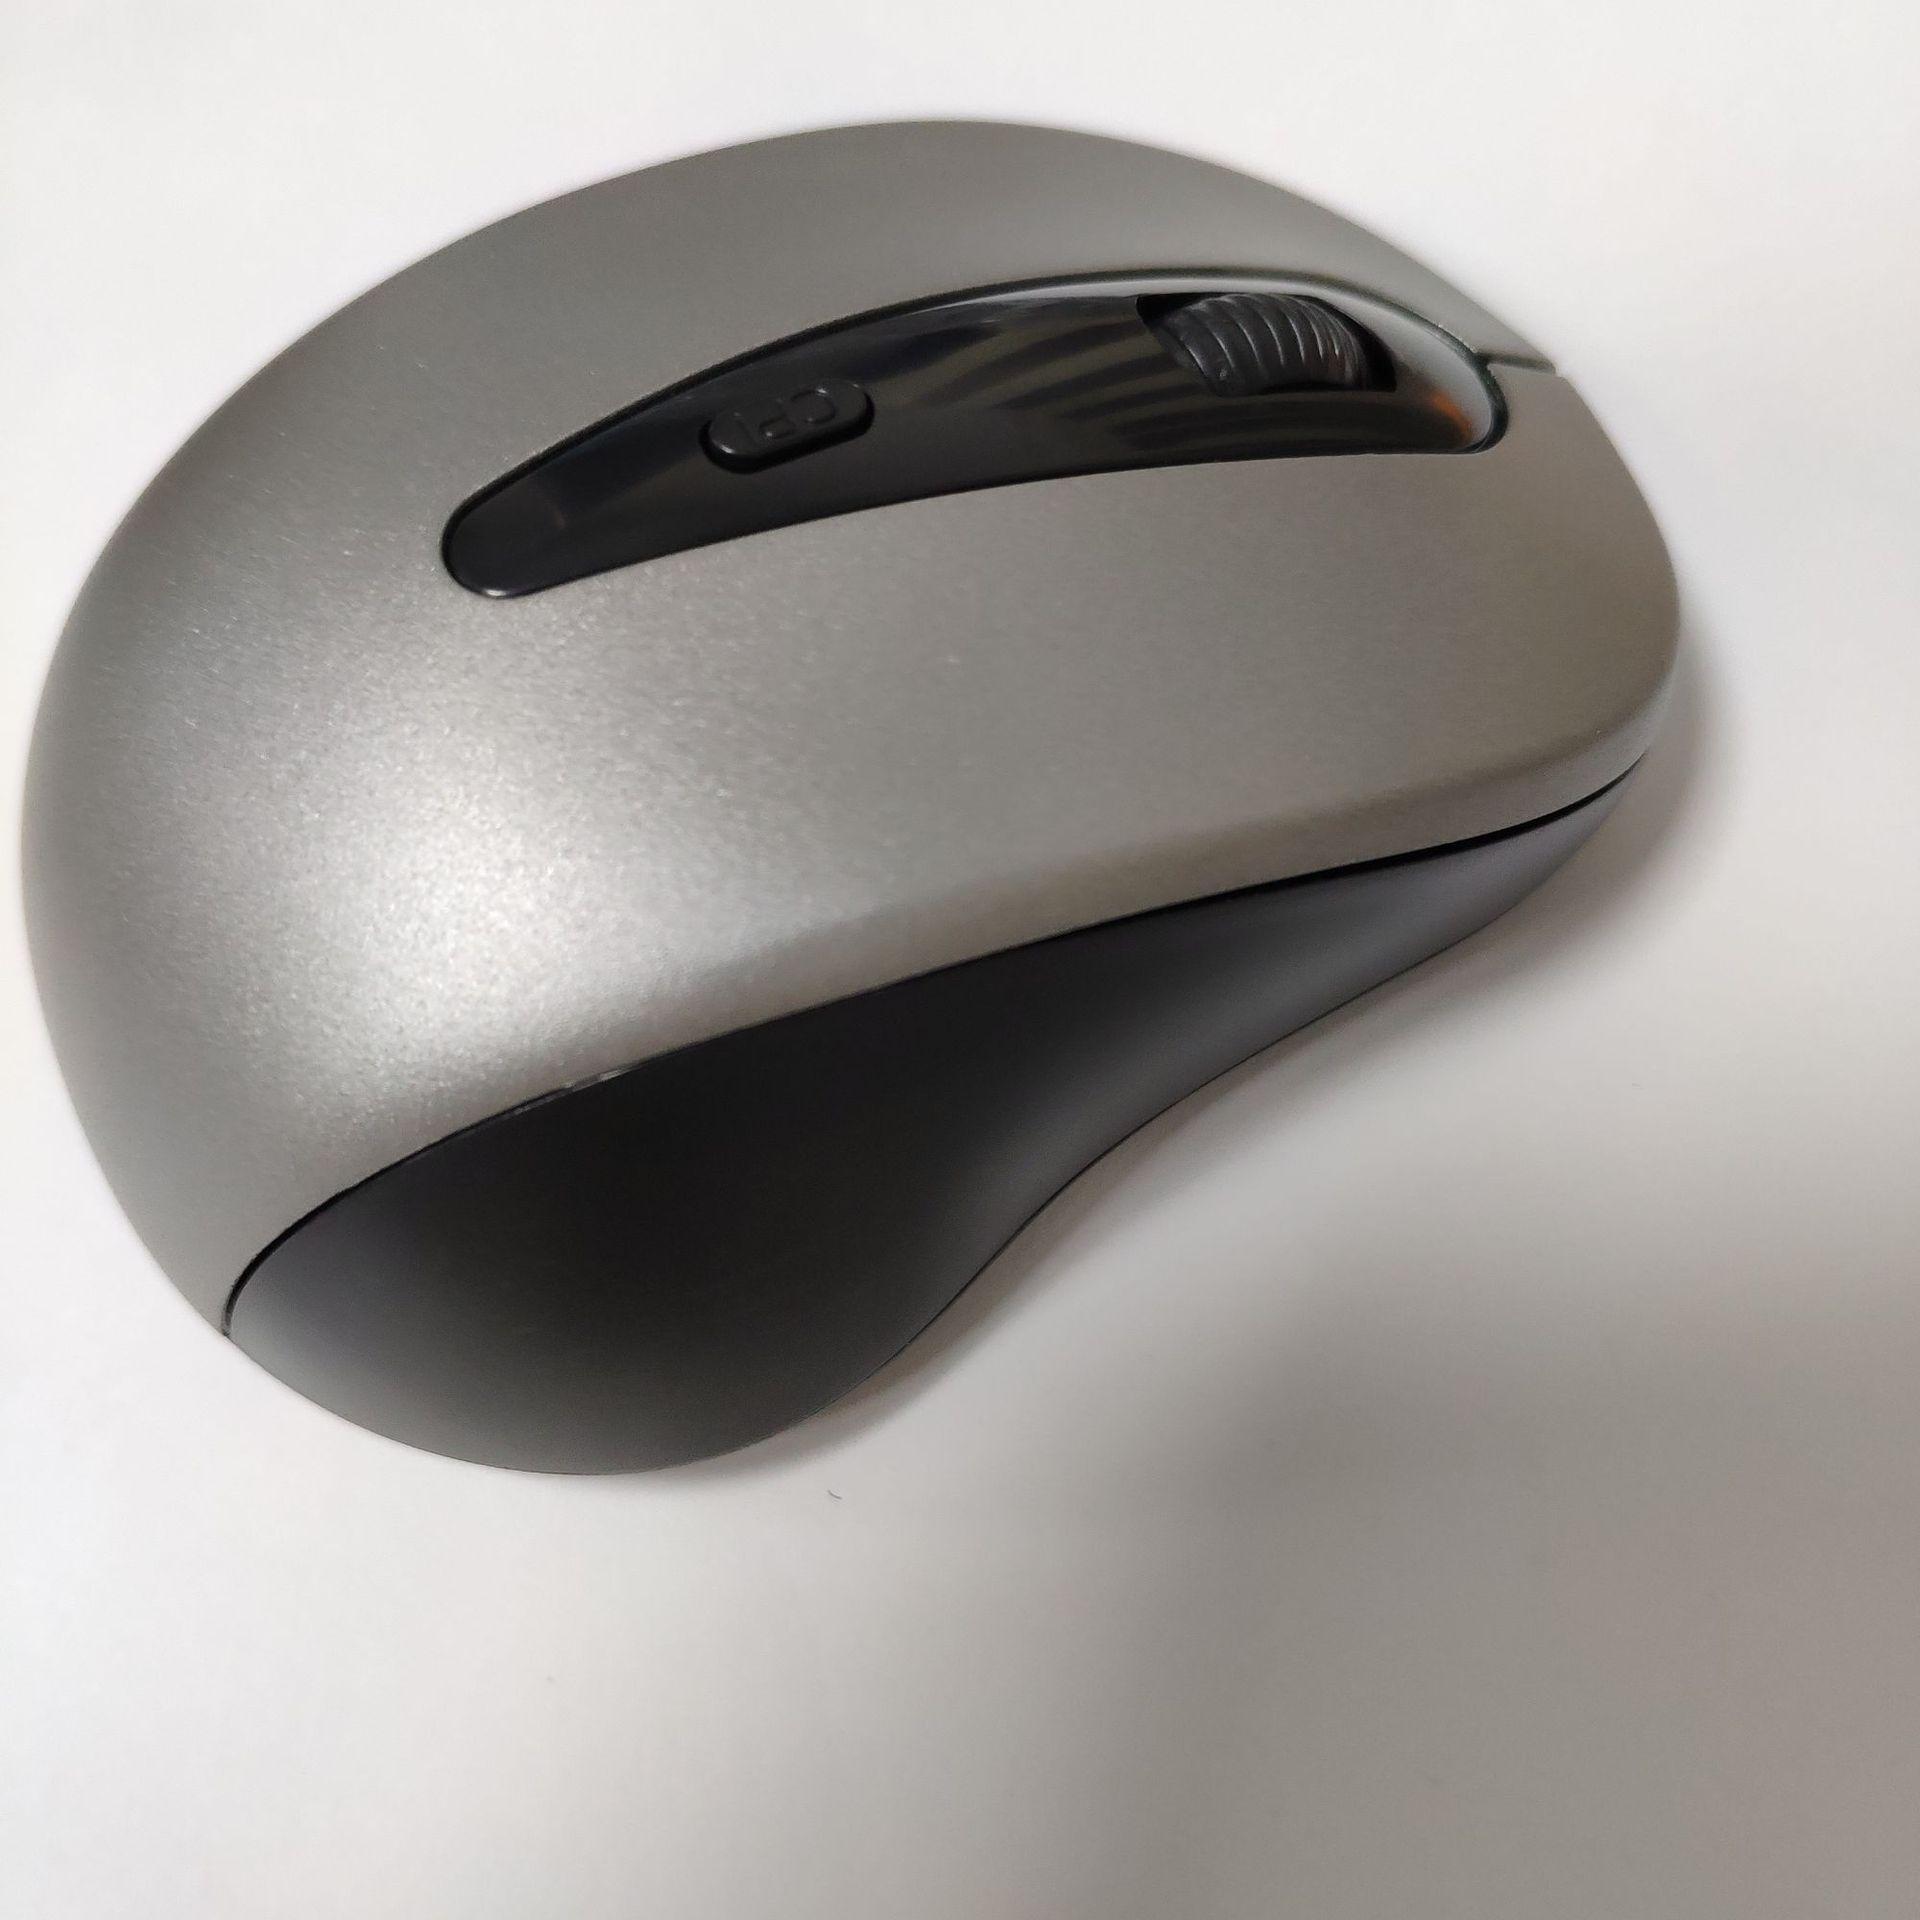 Прямая продажа с фабрики оптический Мышь Новый 2,4G Беспроводной оптическая игровая мышь Мышь игровой Беспроводной Мышь